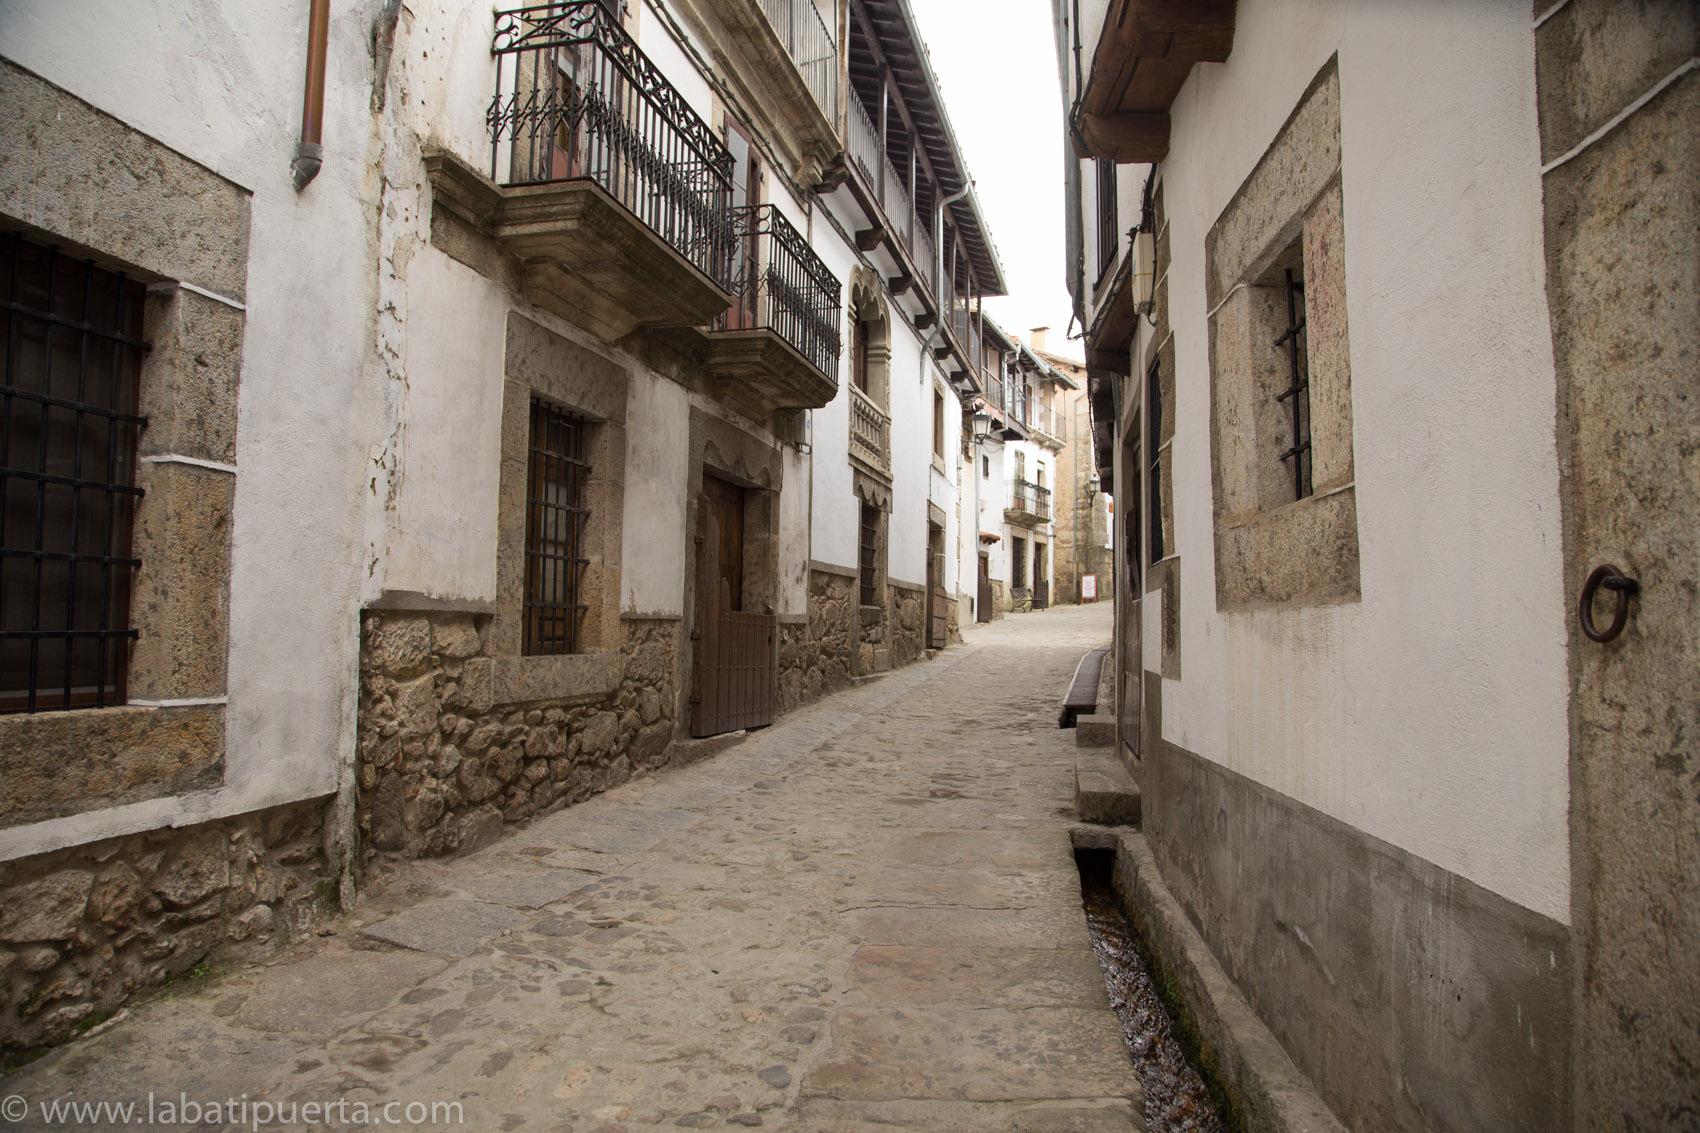 Casas rurales spa la batipuerta de candelario fotos de - Candelario casa rural ...